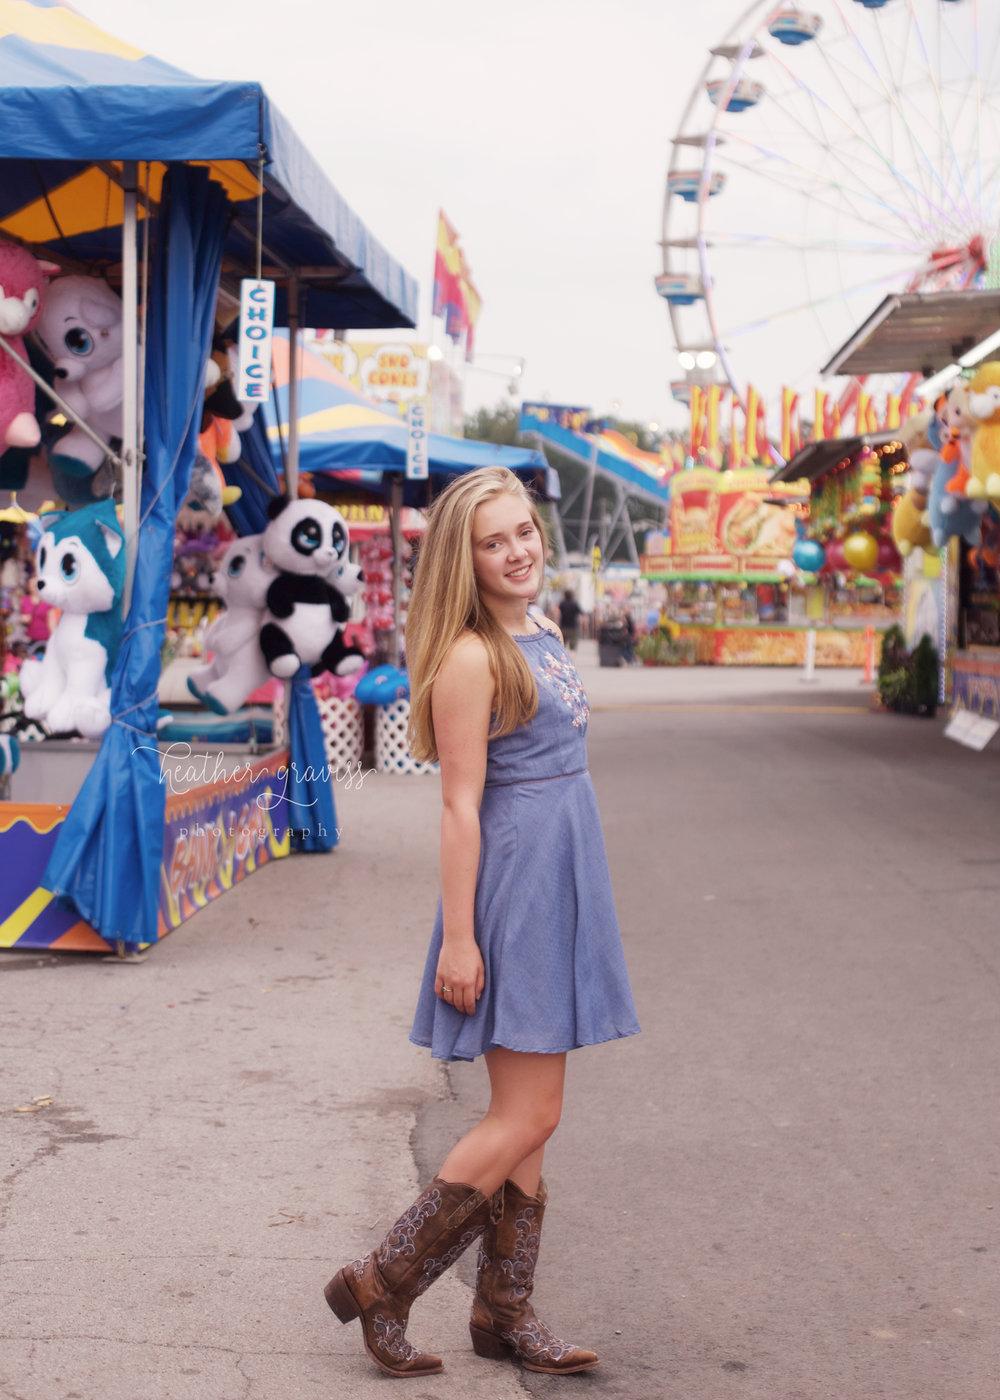 southern-fair.jpg